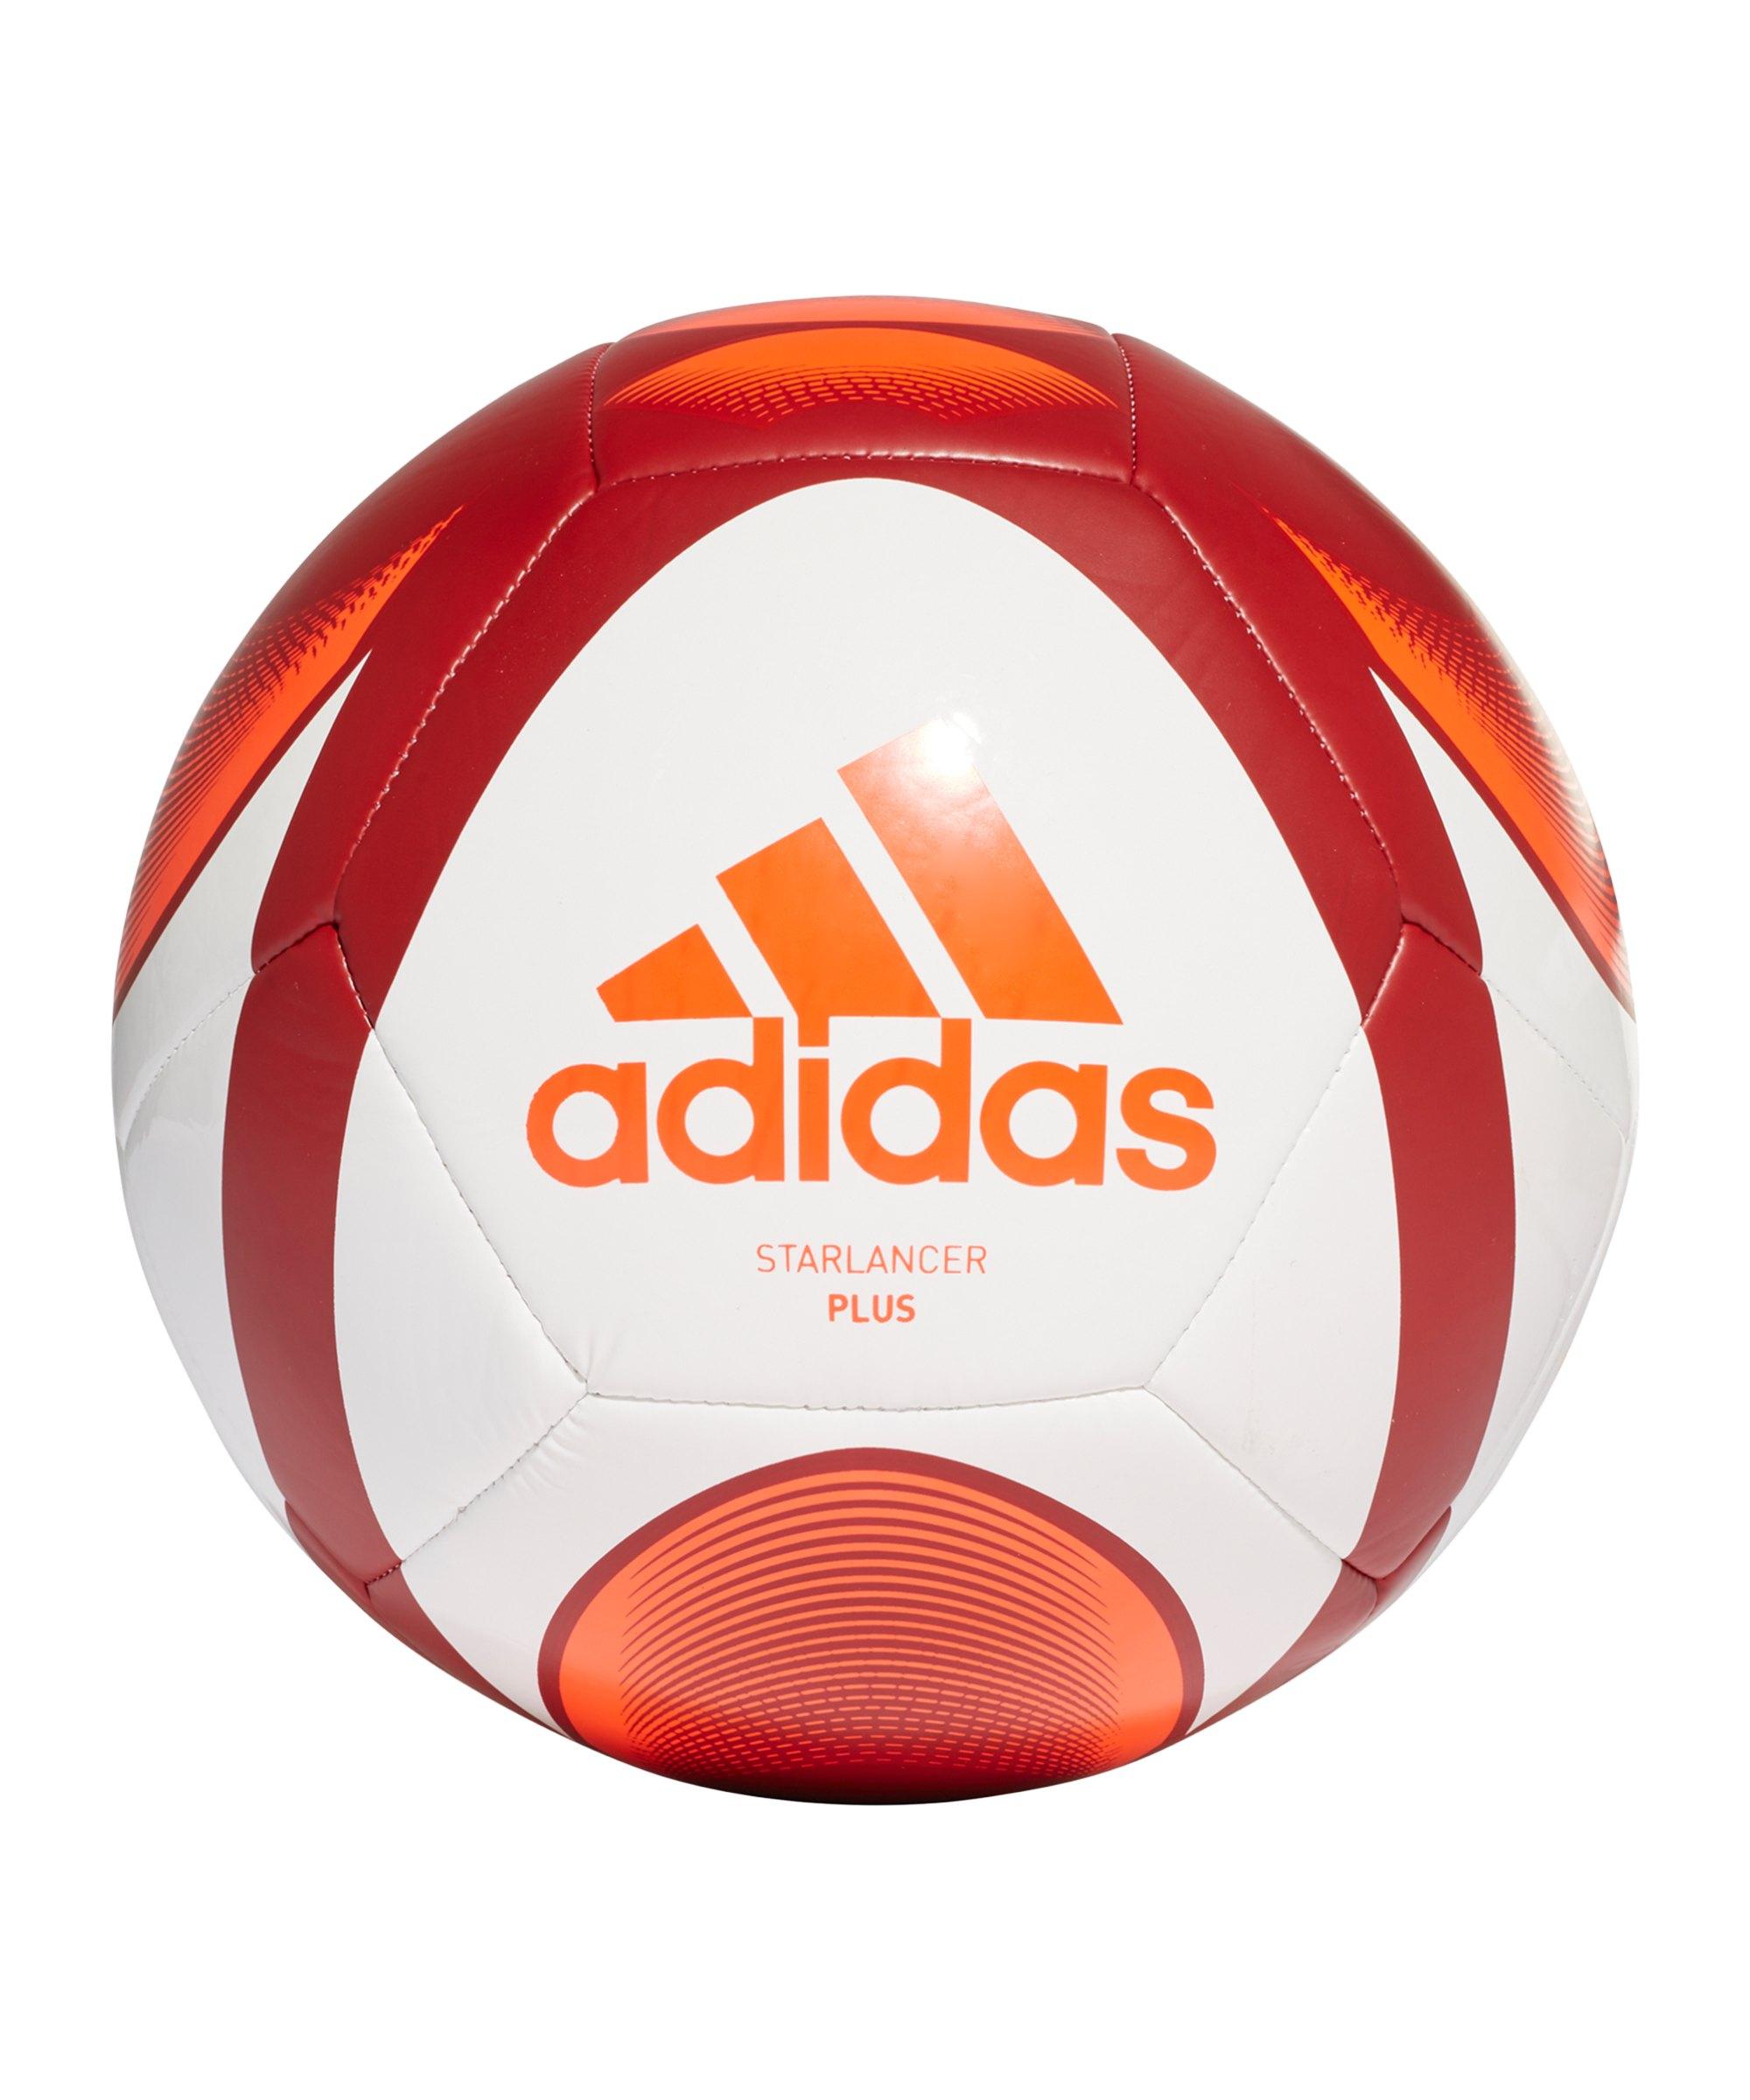 adidas Starlancer Plus Fussball Weiss Rot - weiss